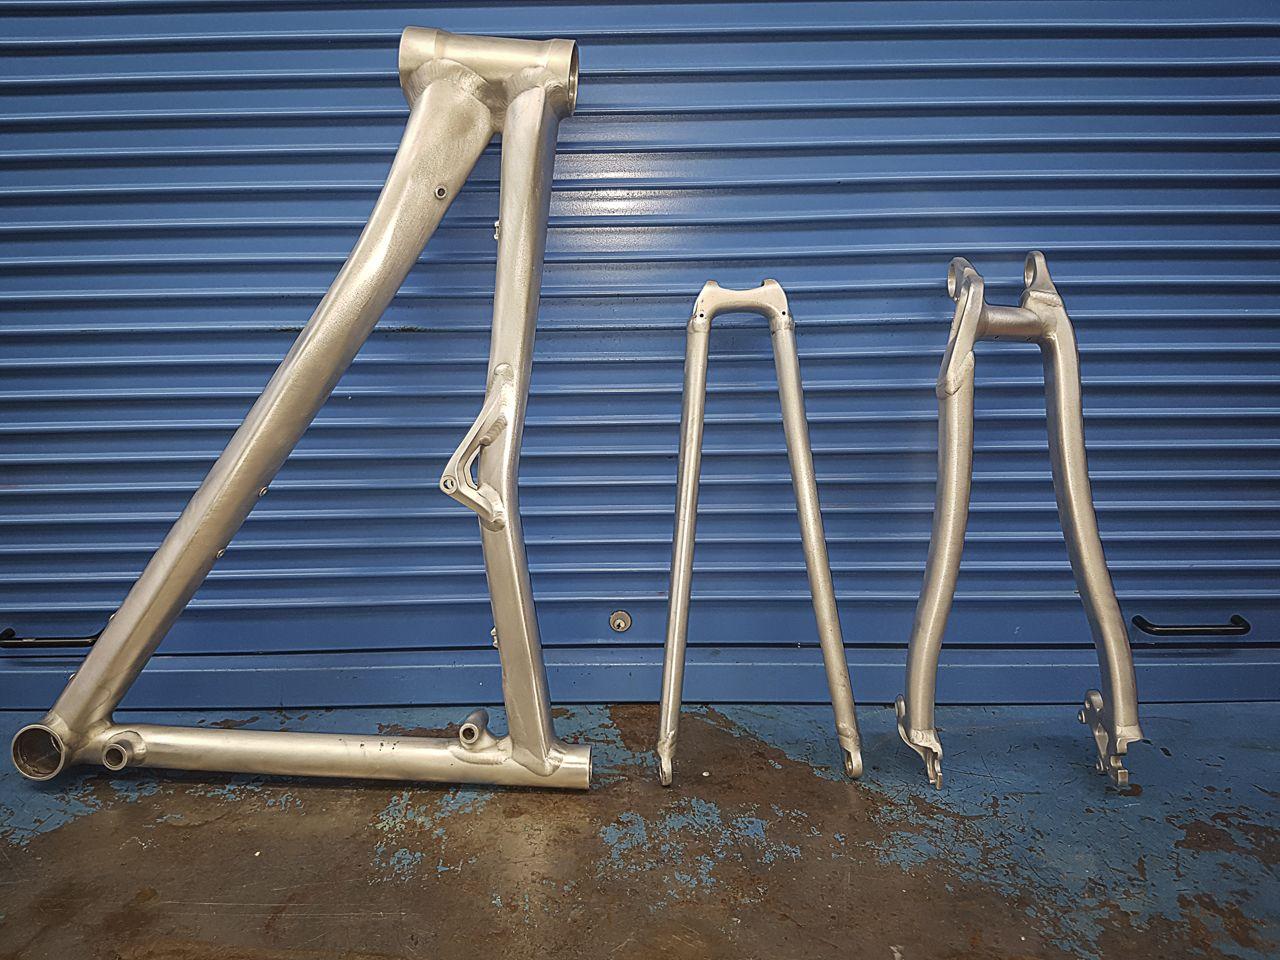 Cannondale Rz1 Trabajo De Personalización A La Carta Decapado Y Preparación Del Cuadro Pintura Pintura Bicicletas Di Disenos De Unas Artesanal Reparación